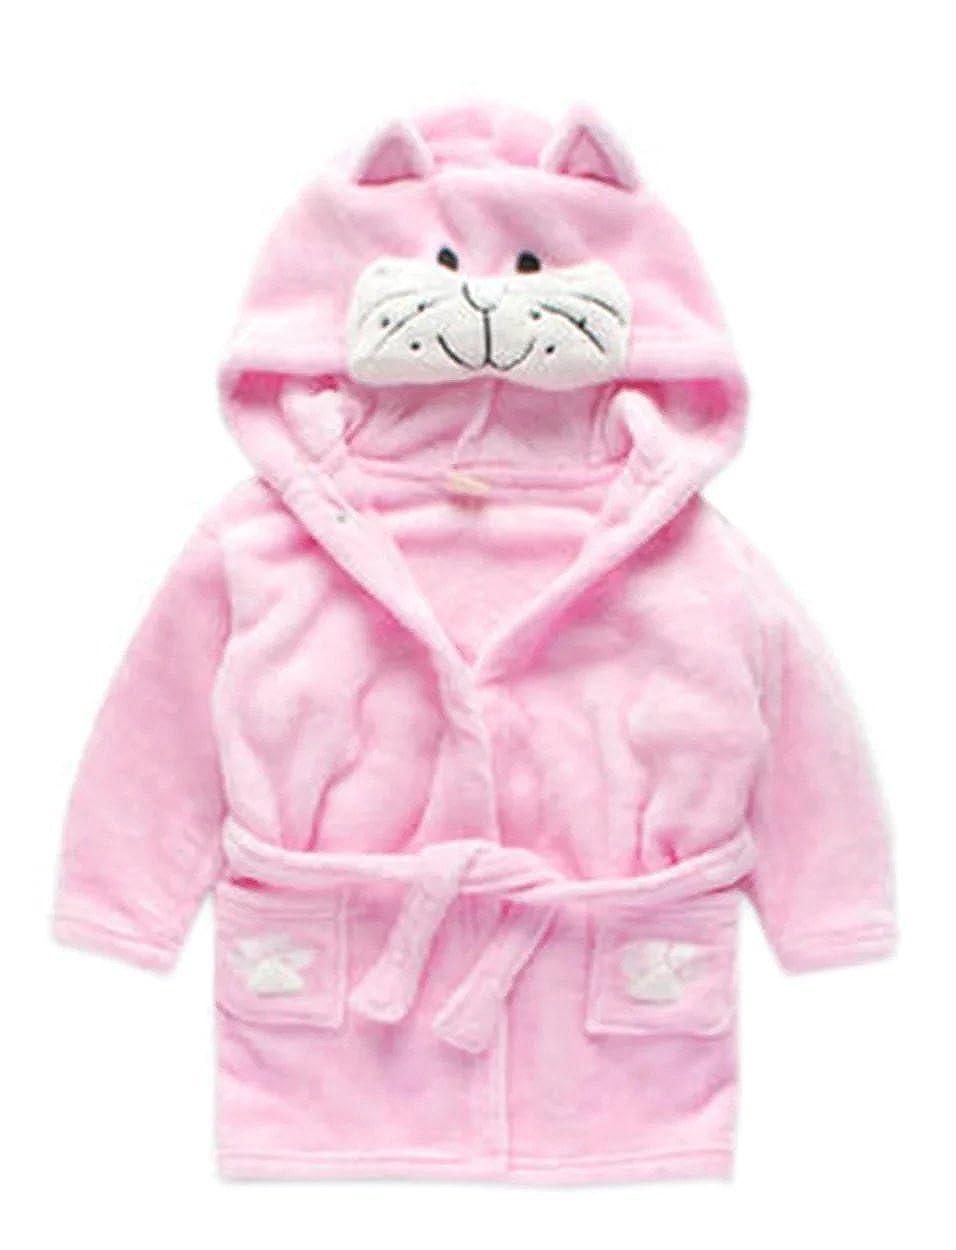 最新作の Betusline Pajamas SLEEPWEAR ベビーガールズ 2 Betusline 2 Years/Height 31.5\ SLEEPWEAR 猫 B01M29NVQI, ウエスタンブーツカンパニー:68121640 --- a0267596.xsph.ru